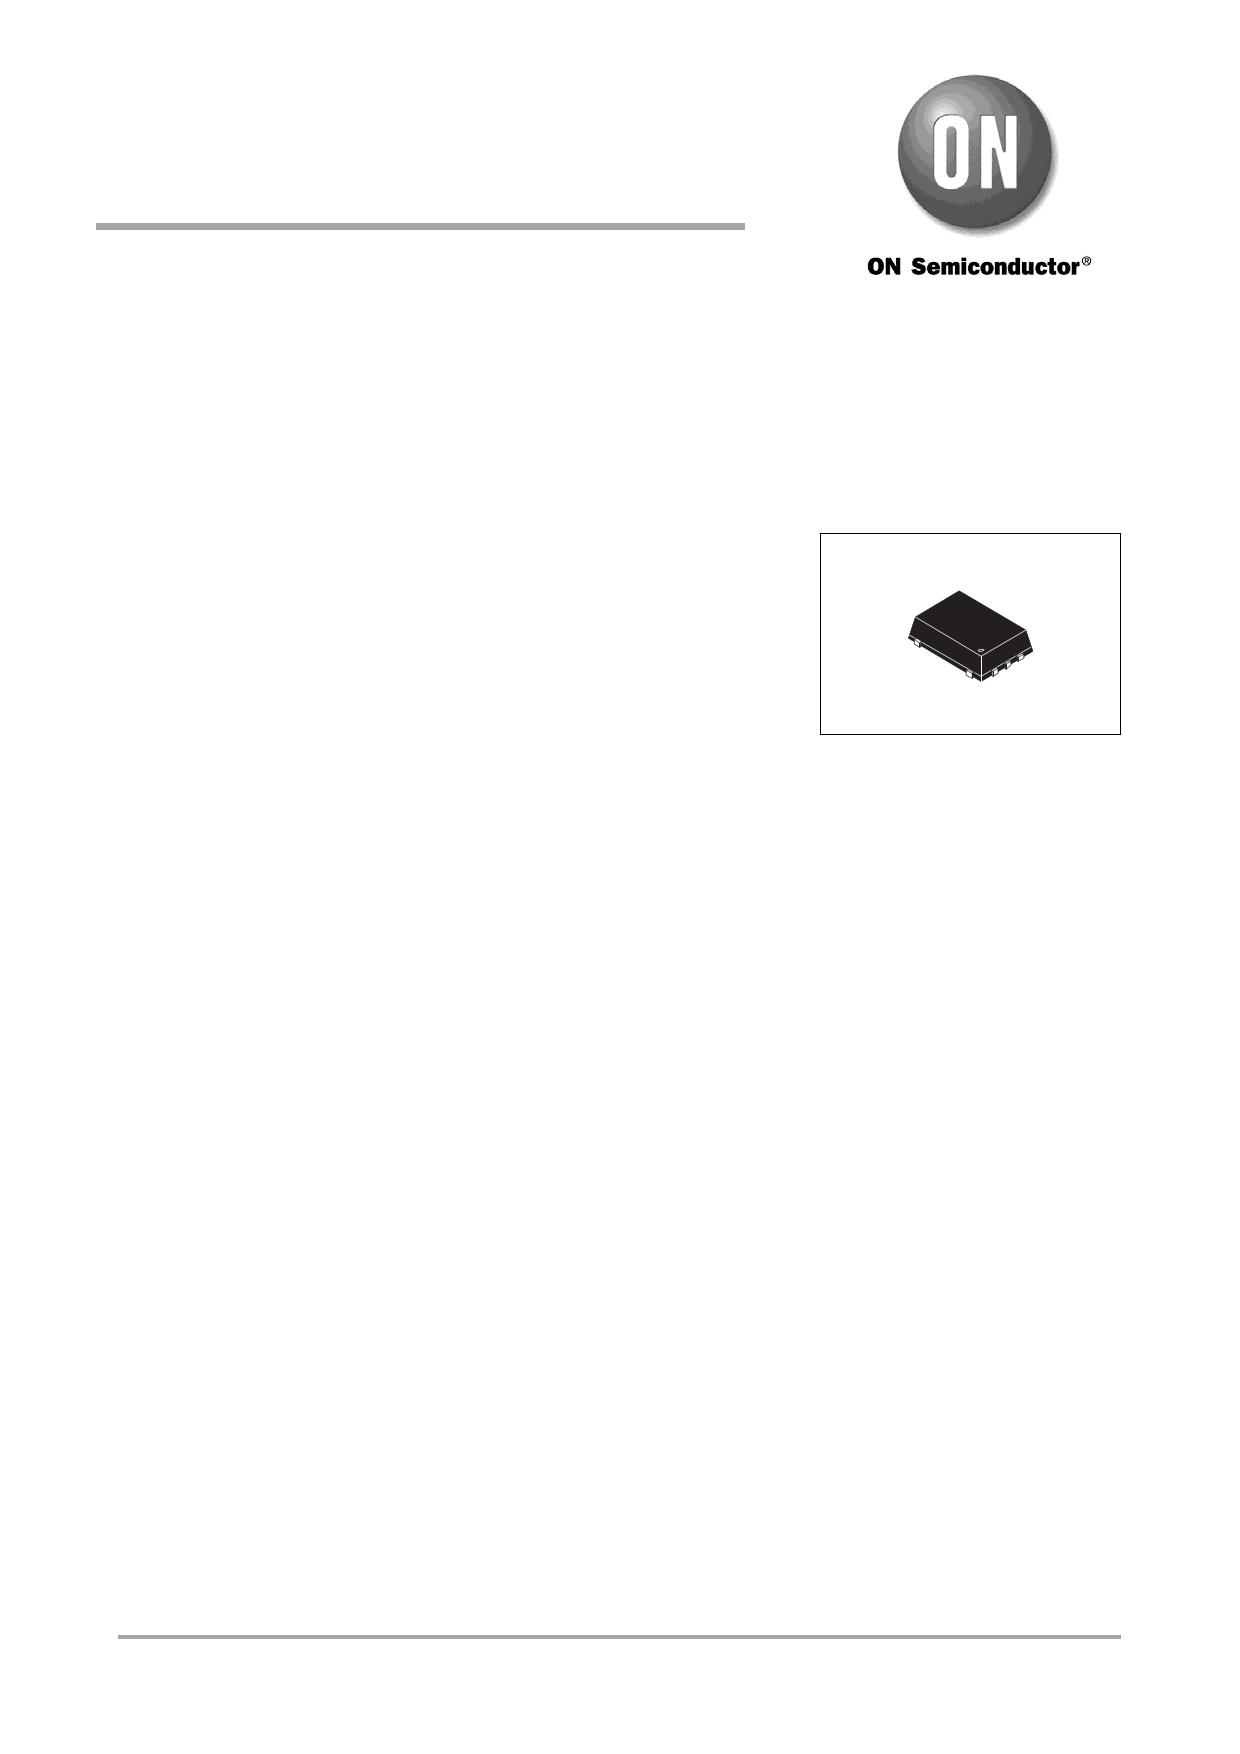 LC05132C01MT datasheet